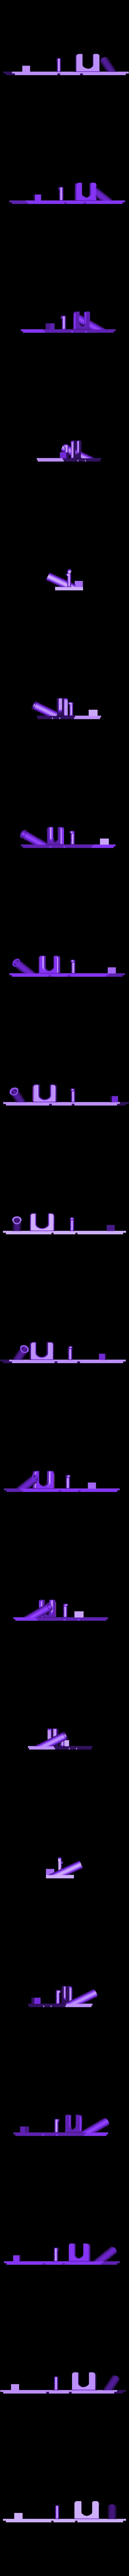 Toolholder_v1.stl Télécharger fichier STL gratuit Porte-outils essentiel pour imprimante 3D • Design imprimable en 3D, 3DED